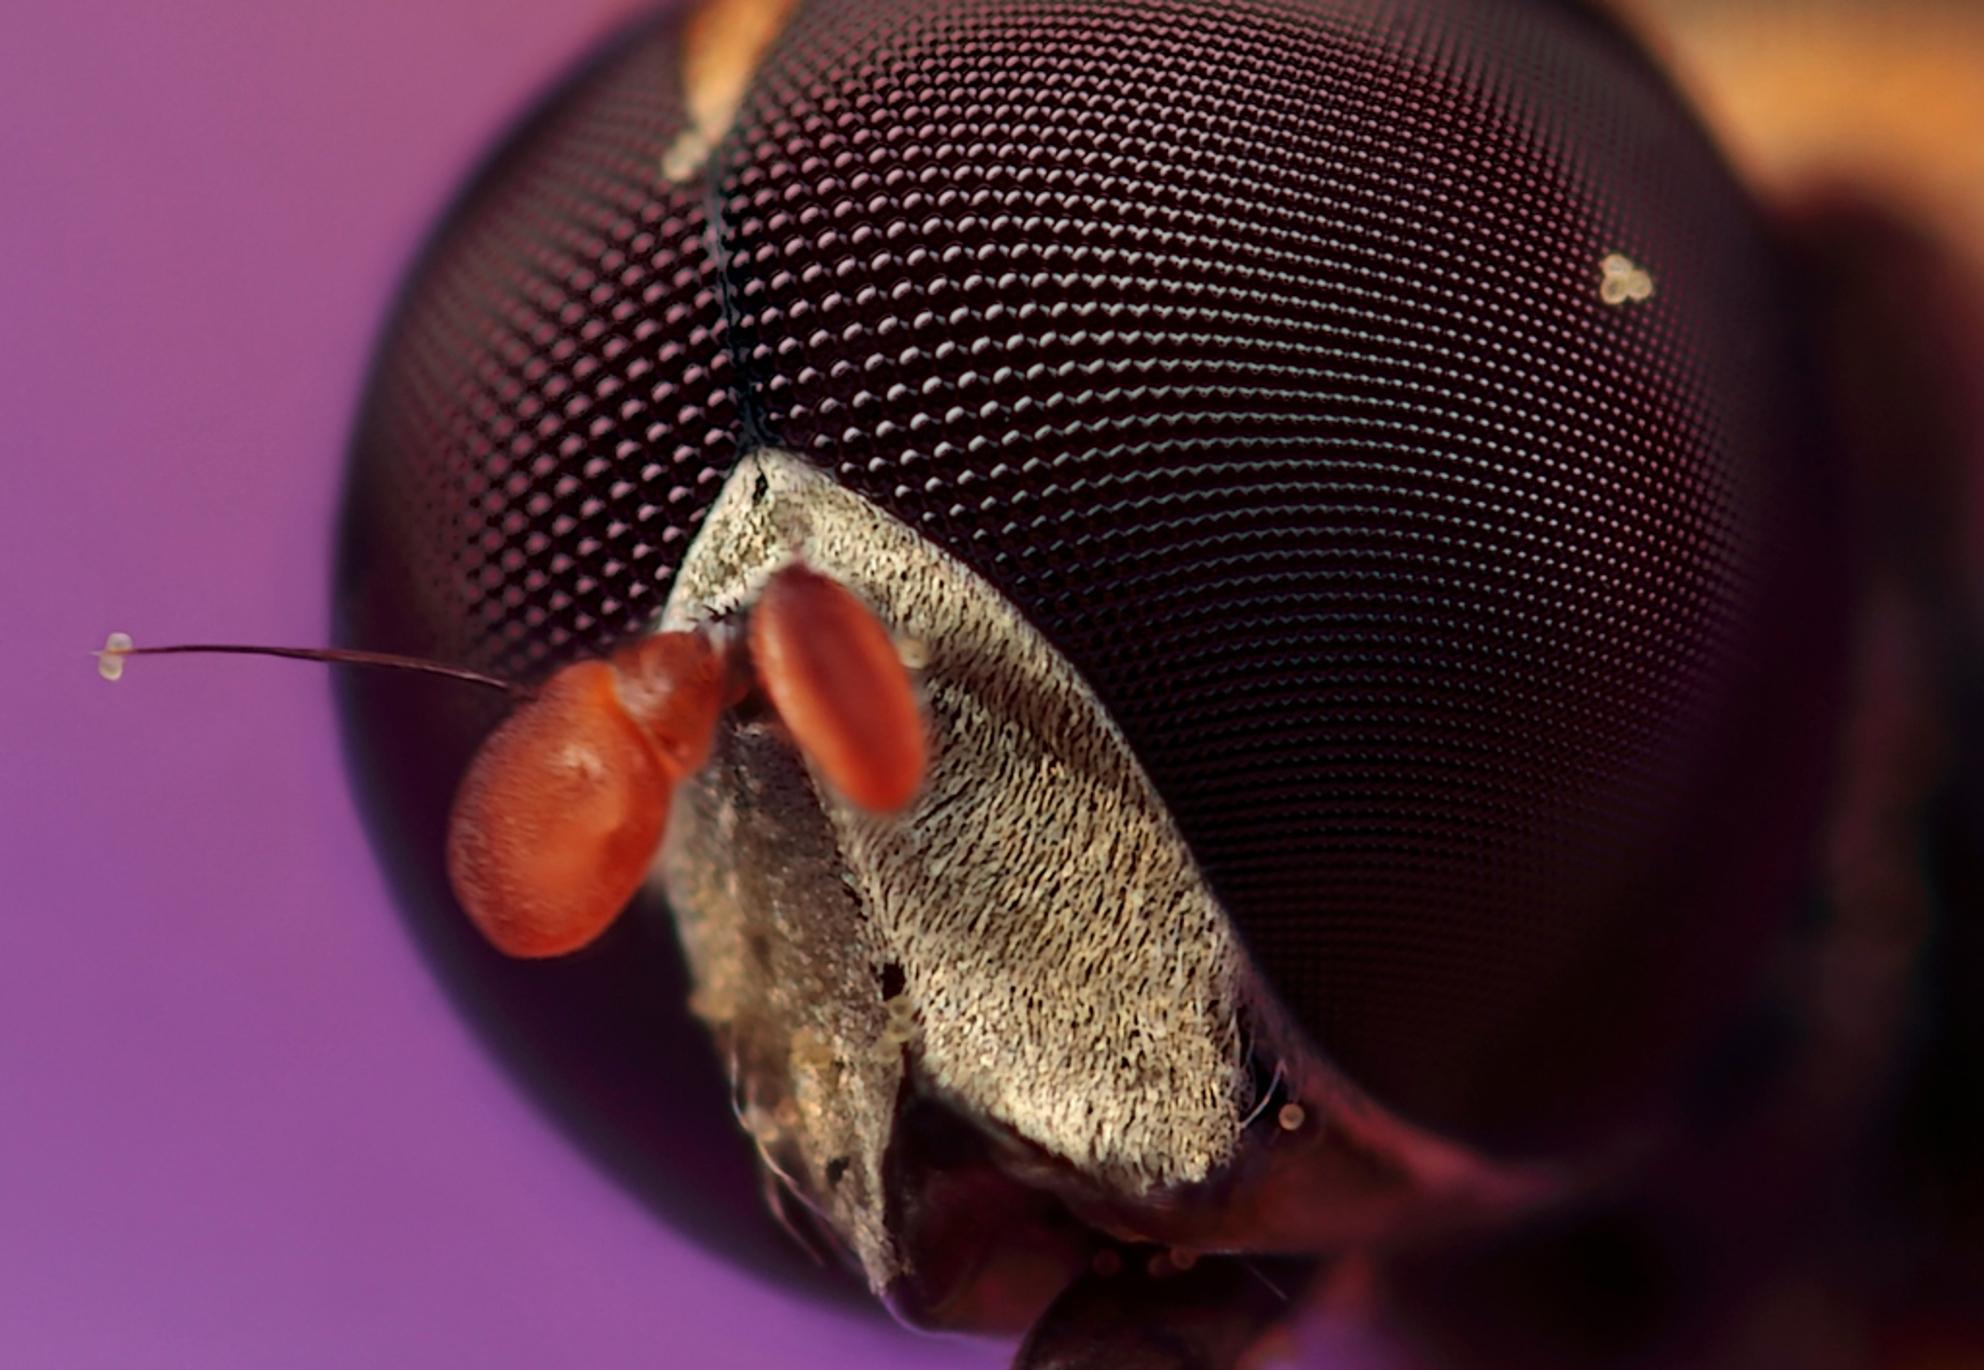 Portretje - van een kleine pyjamazweefvlieg, gemaakt met vergrotingsfactor 10, f/6.3, ISO  100 en 1/250 sec. De grote versie is te zien op  [url]http://www.huu - foto door hwdewaard op 11-10-2011 - deze foto bevat: natuur, vlieg, zweefvlieg, pyjamazweefvlieg, insect, dier, micro, macro.Huub